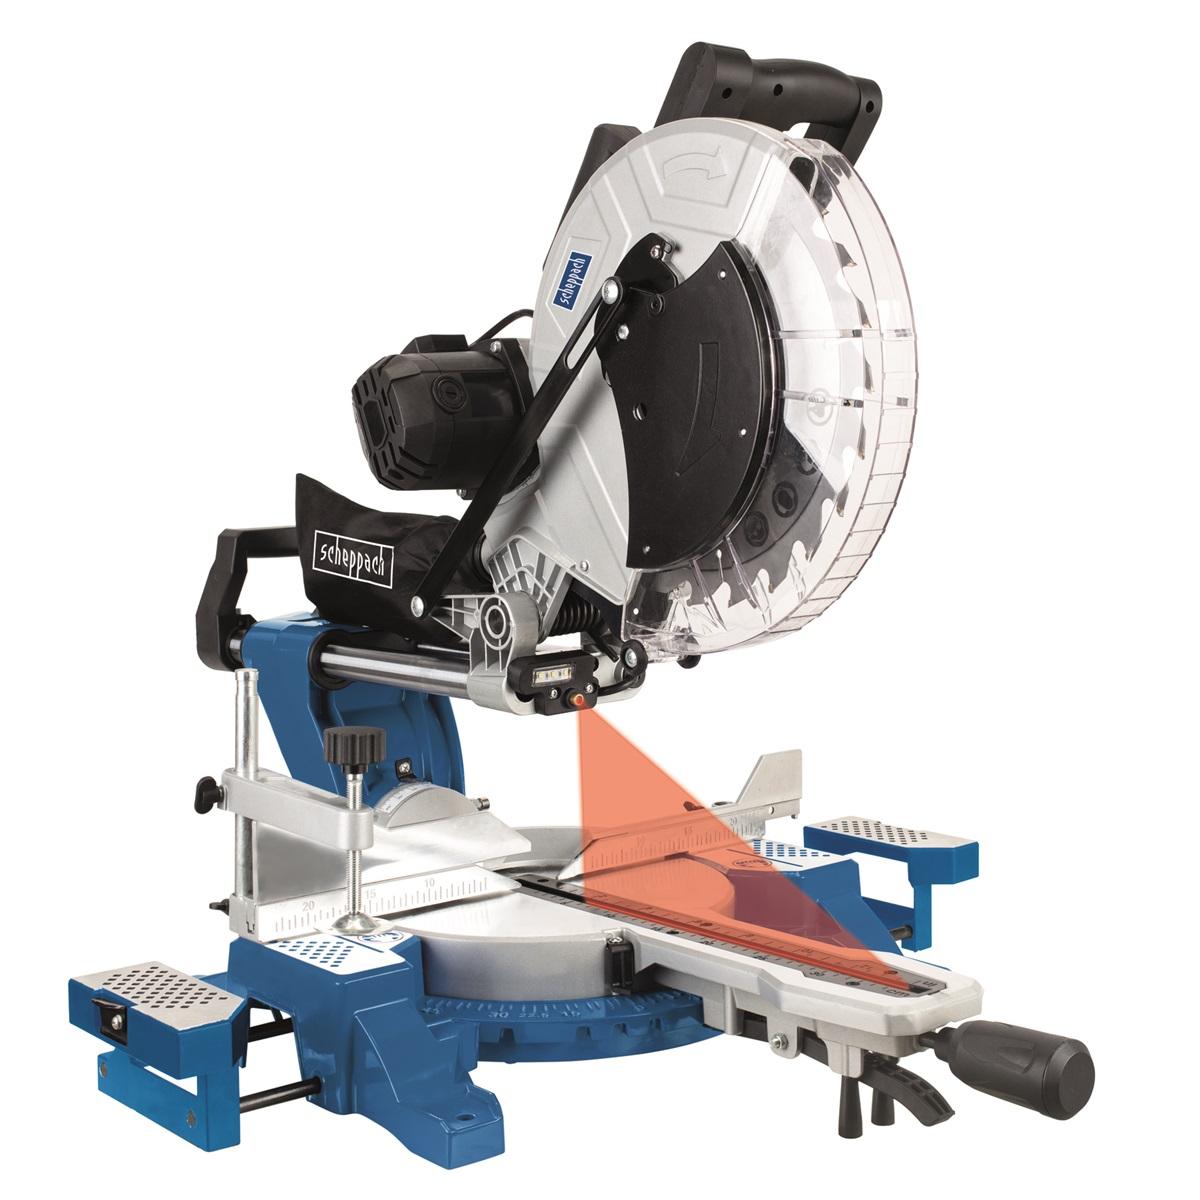 Scheppach HM 140 L pokosová pila s potahem, laserem a oboustranným nastavením náklonu